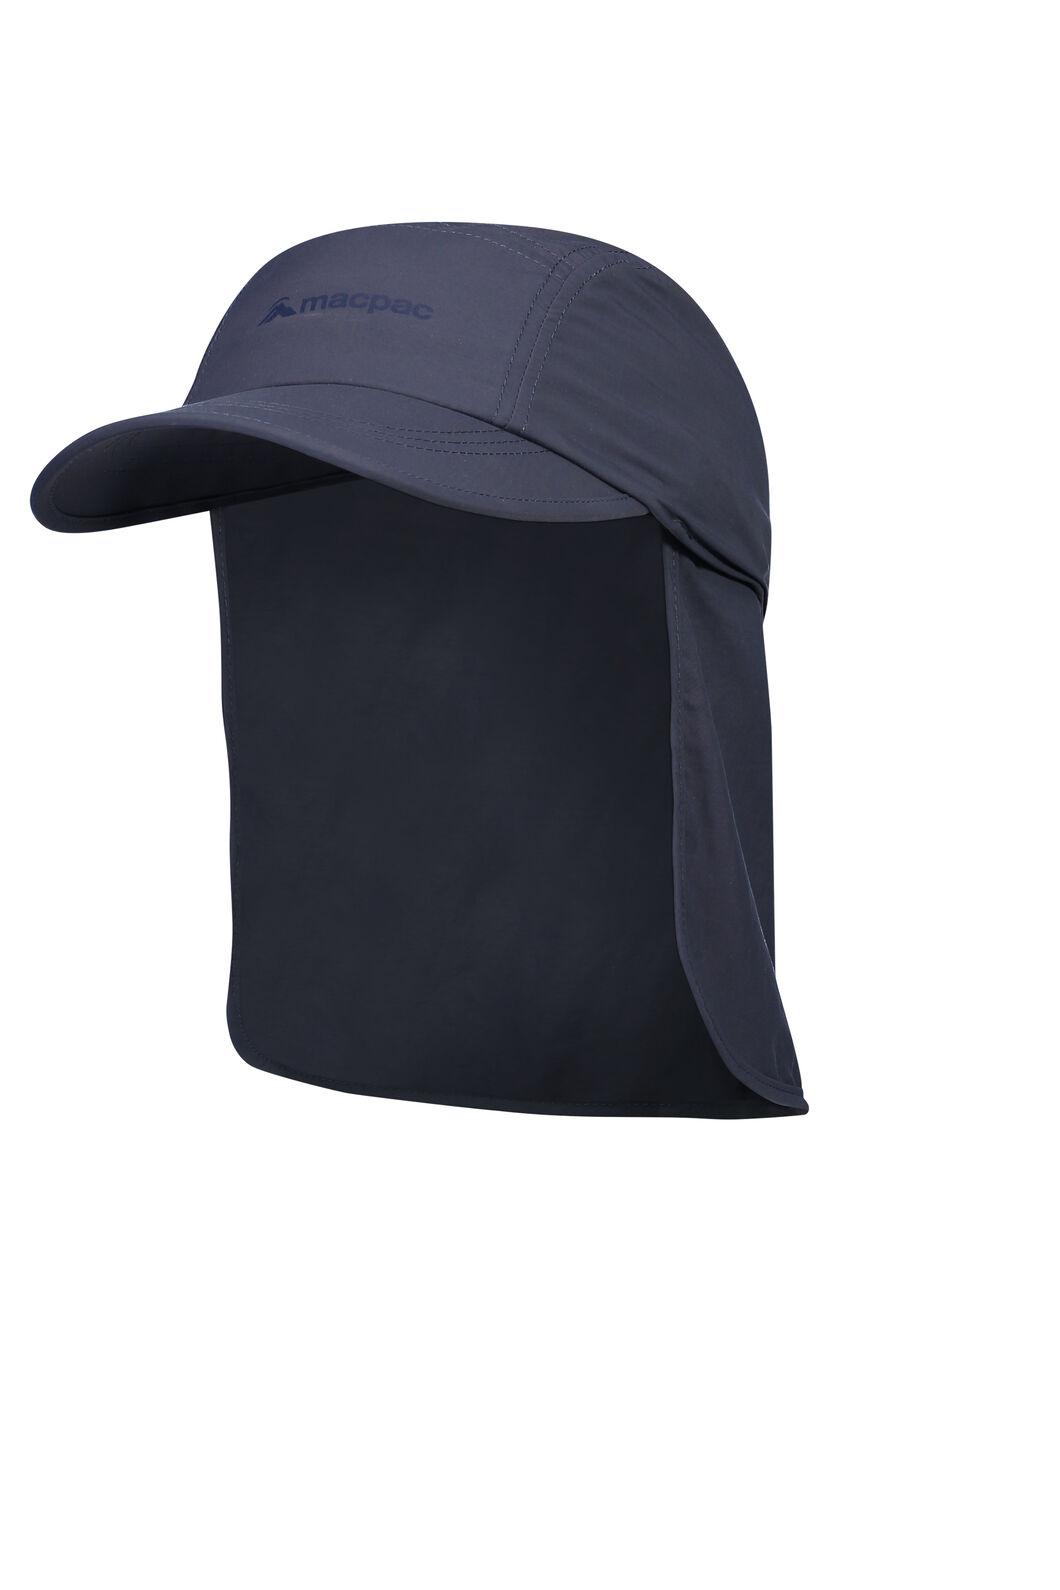 ff5ebc8f2 Macpac Legionnaire Hat | Macpac